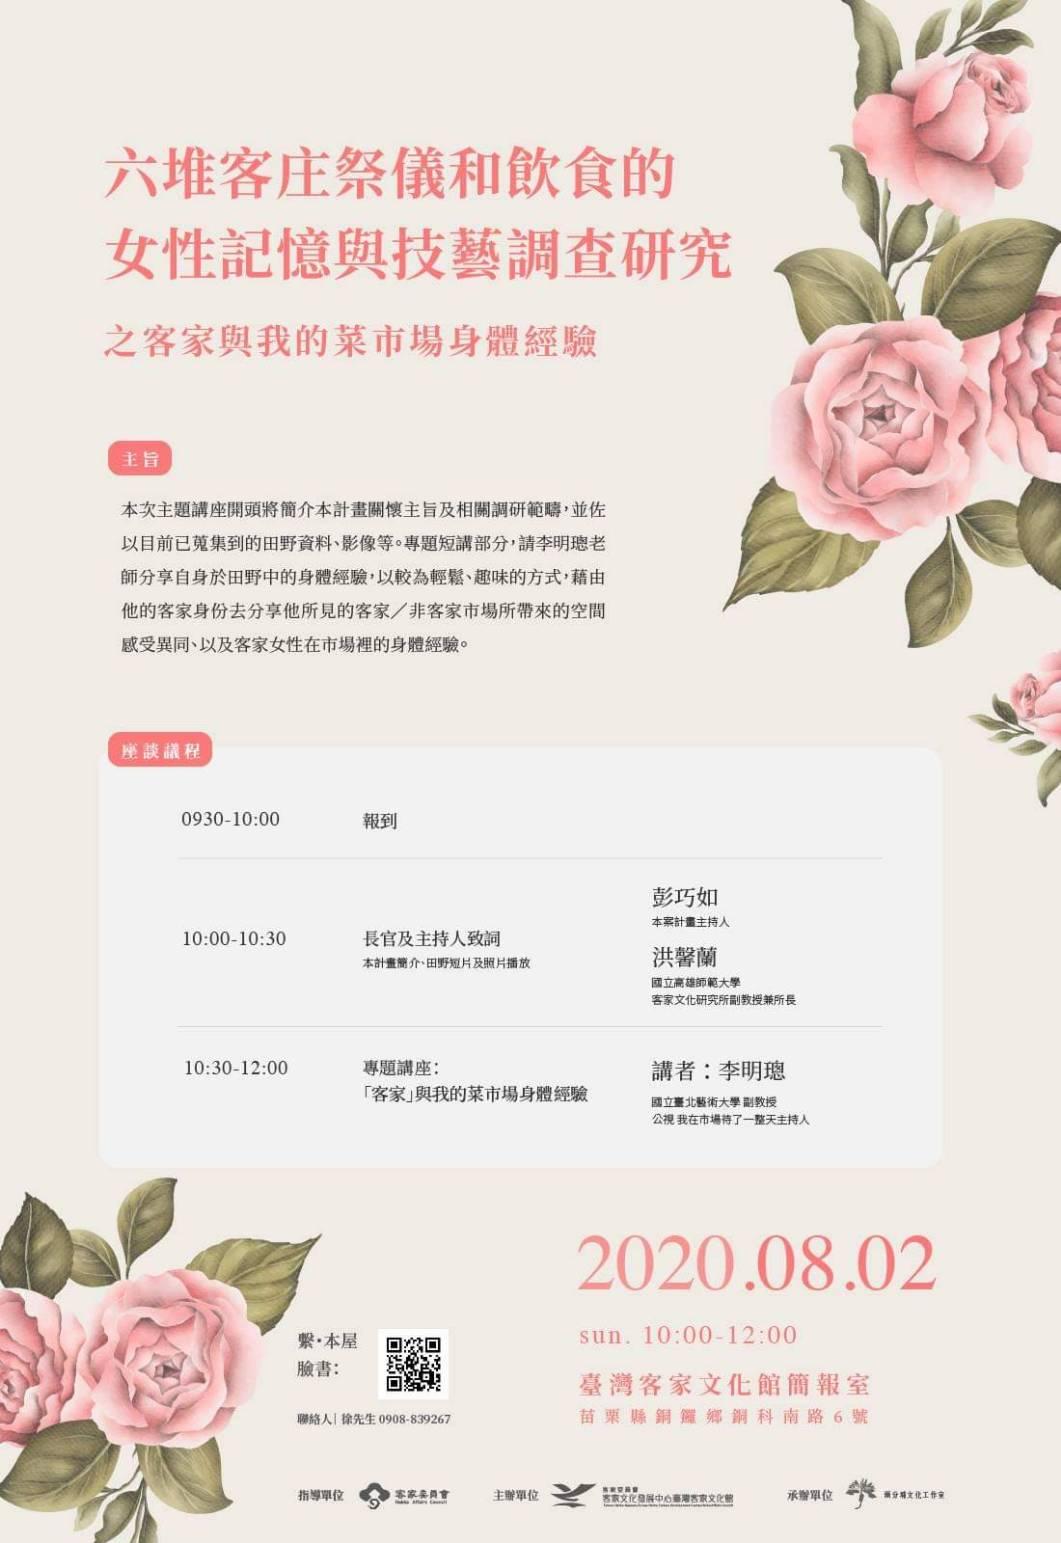 客家文化發展中心臺灣客家文化館:2020/08/02【「客家」與我的菜市場身體經驗】